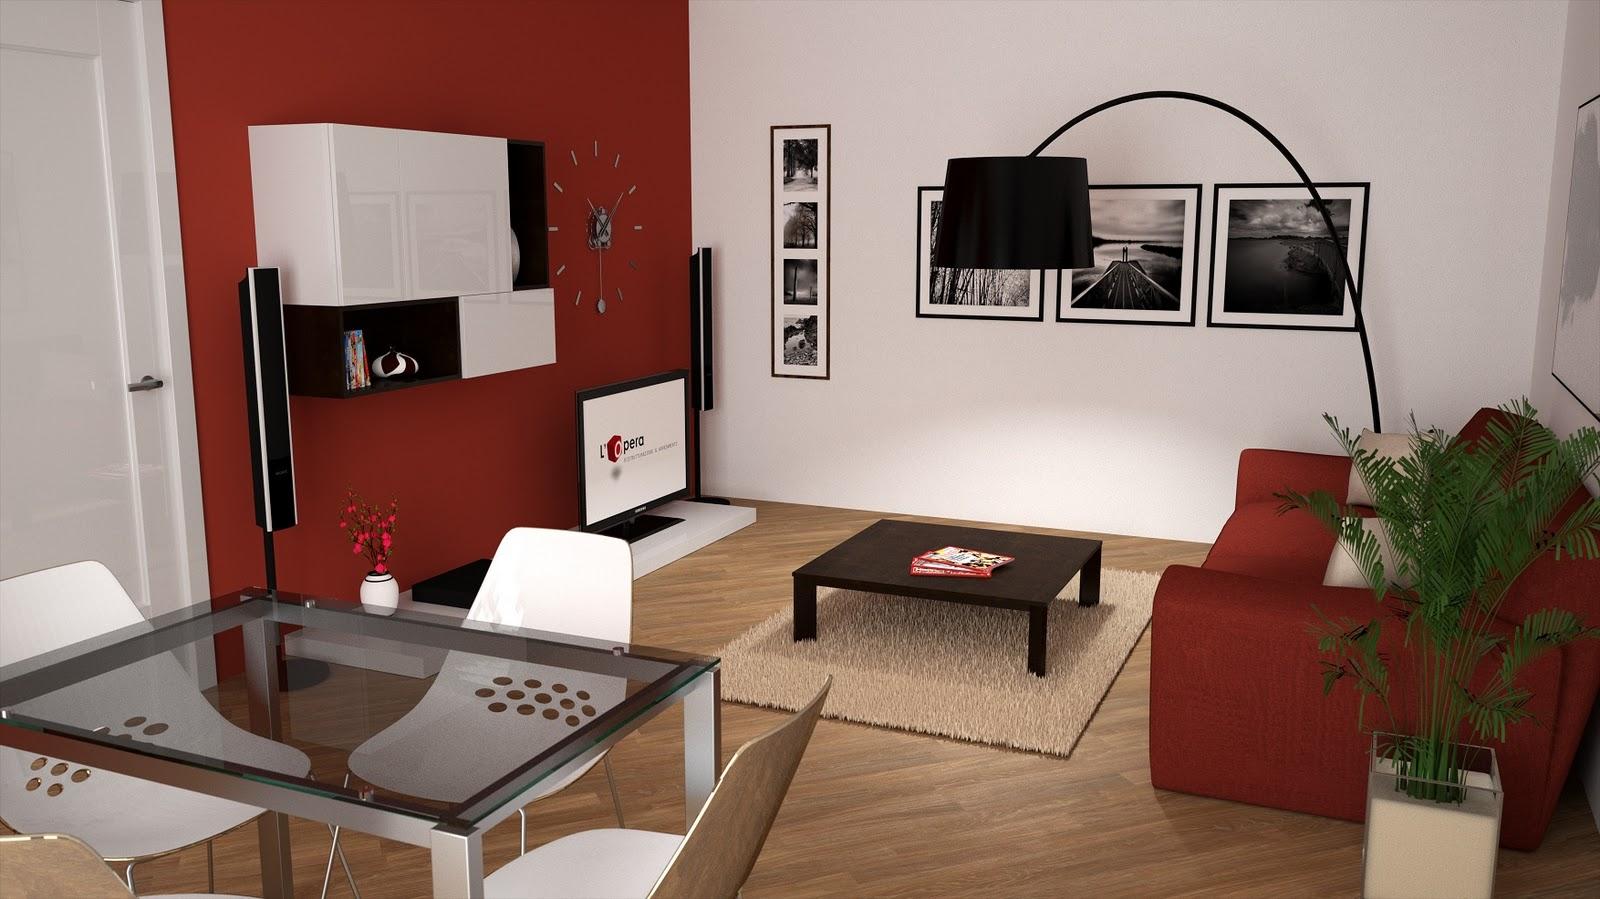 simo-3d.blogspot.com: Render interni di modelli creati con sketchup